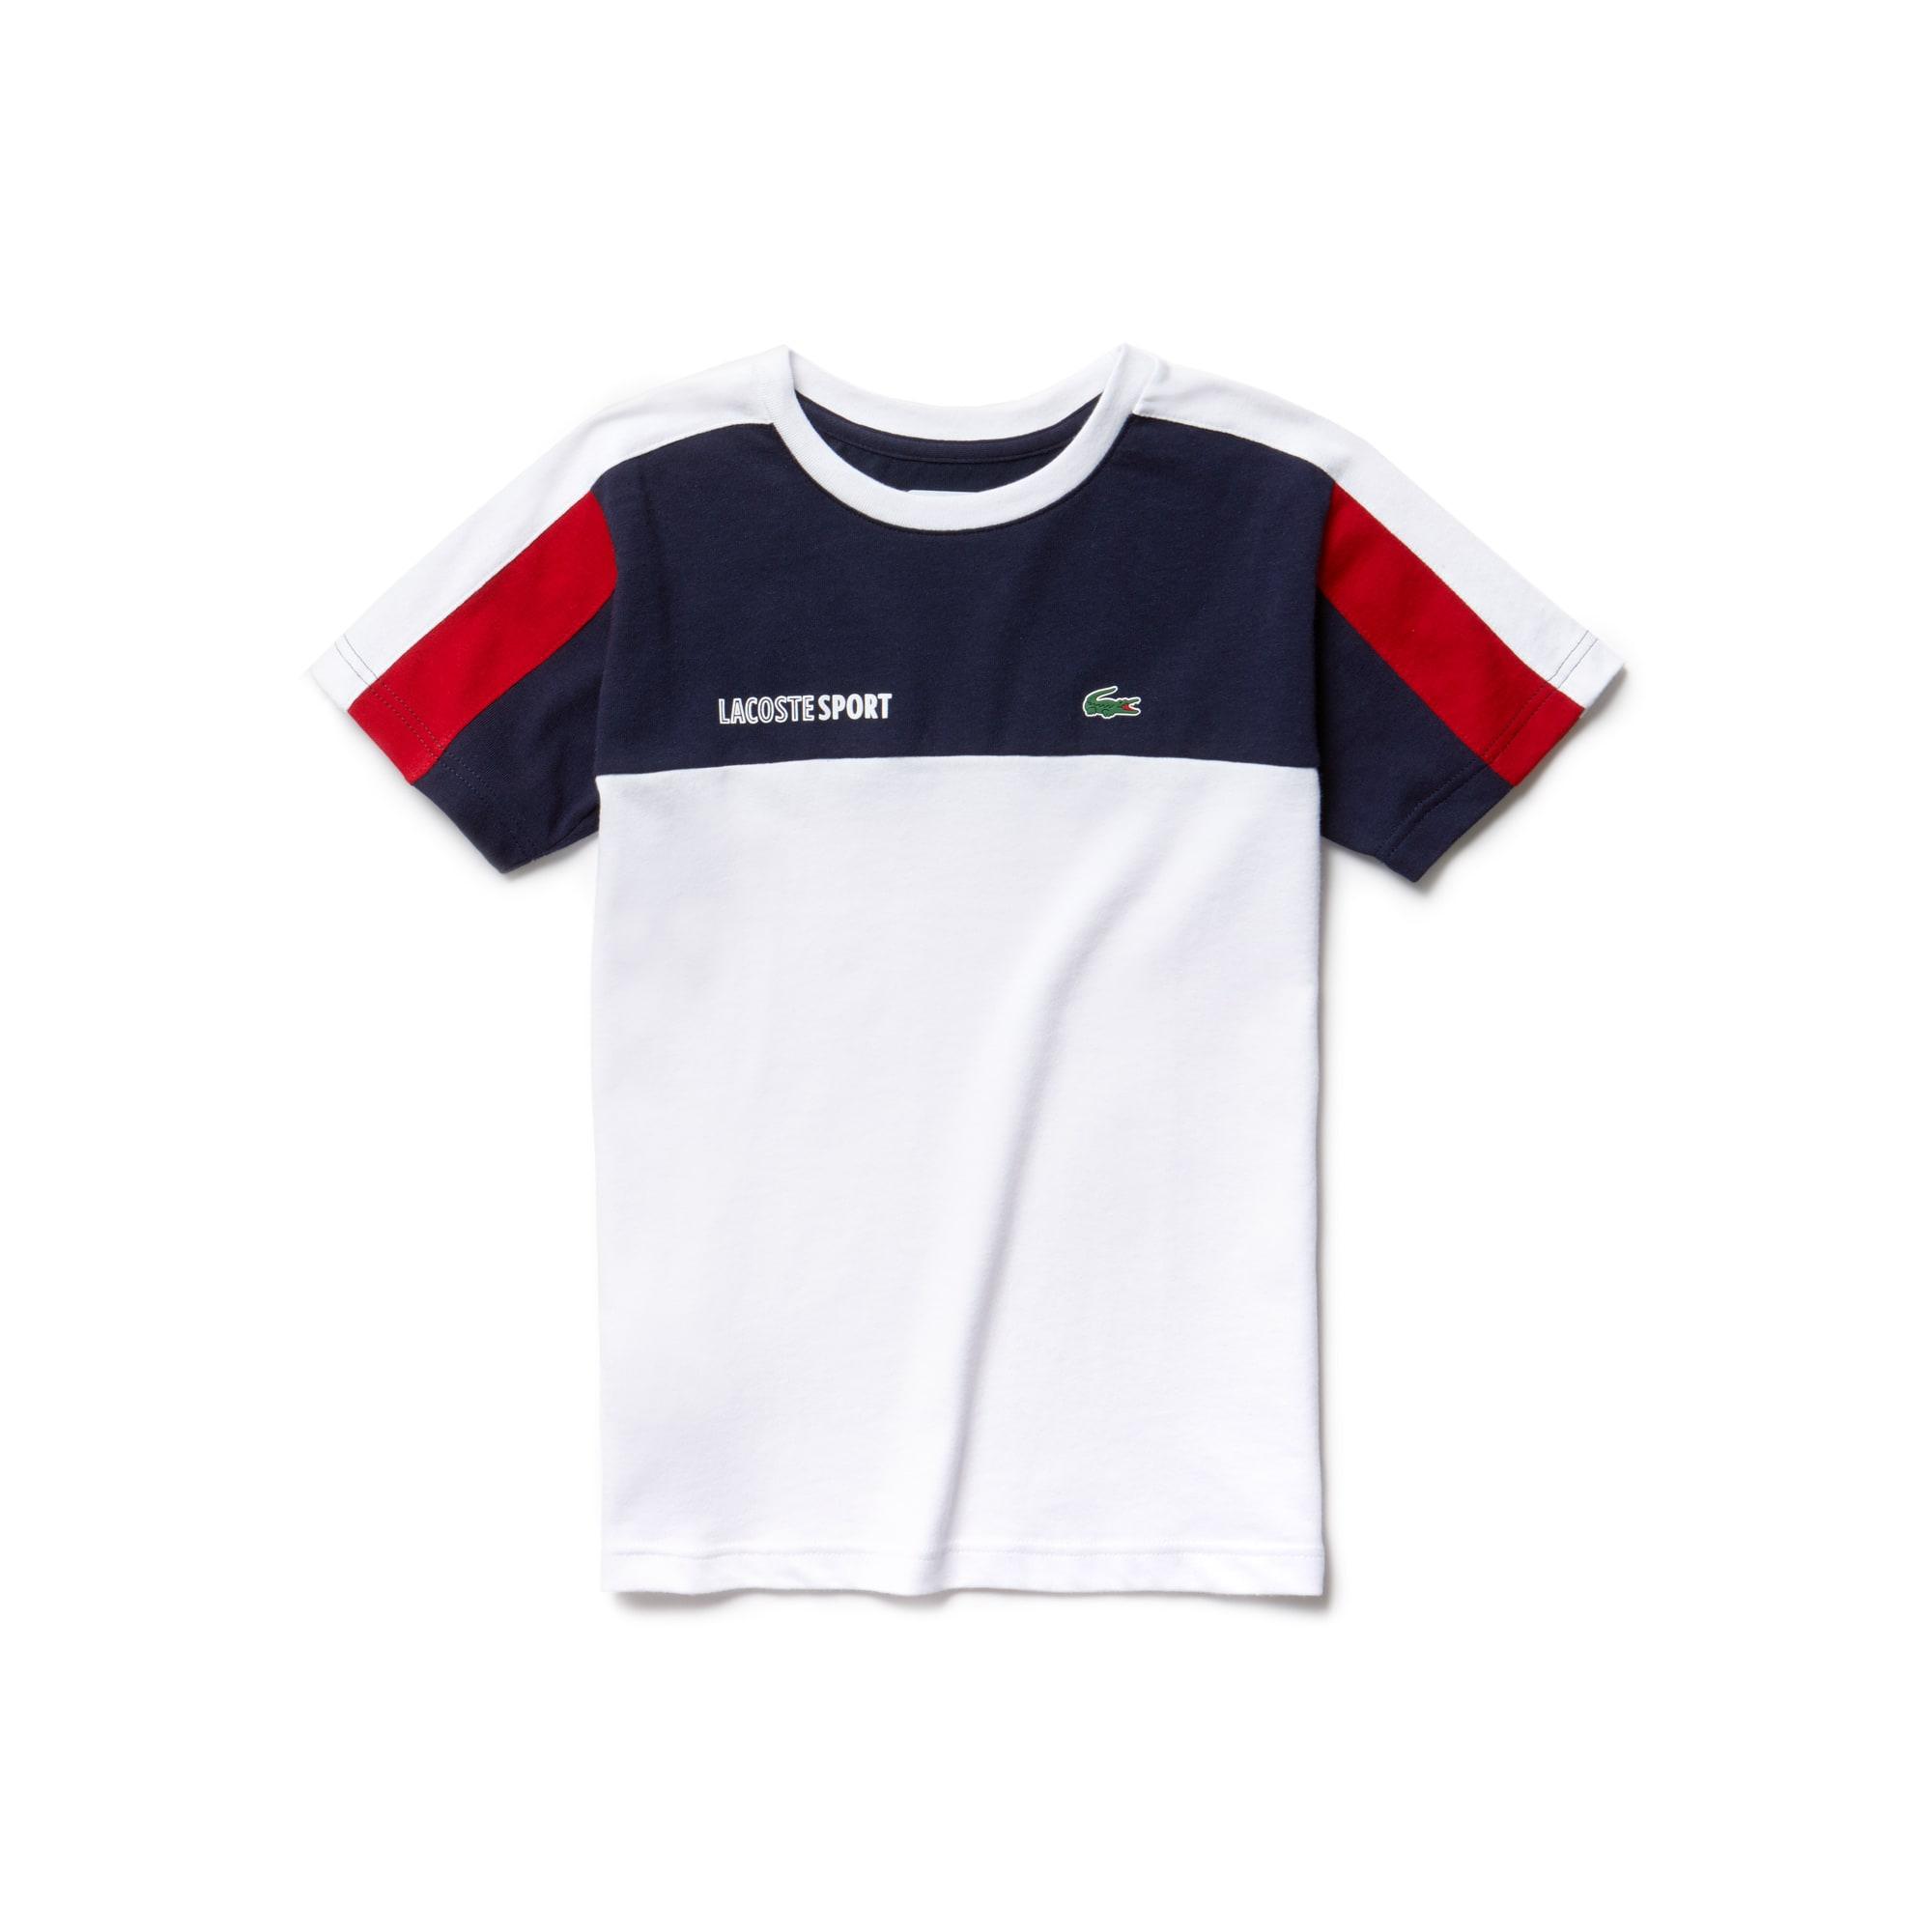 T-shirt a girocollo da bambino Tennis Lacoste SPORT in jersey tecnico color block